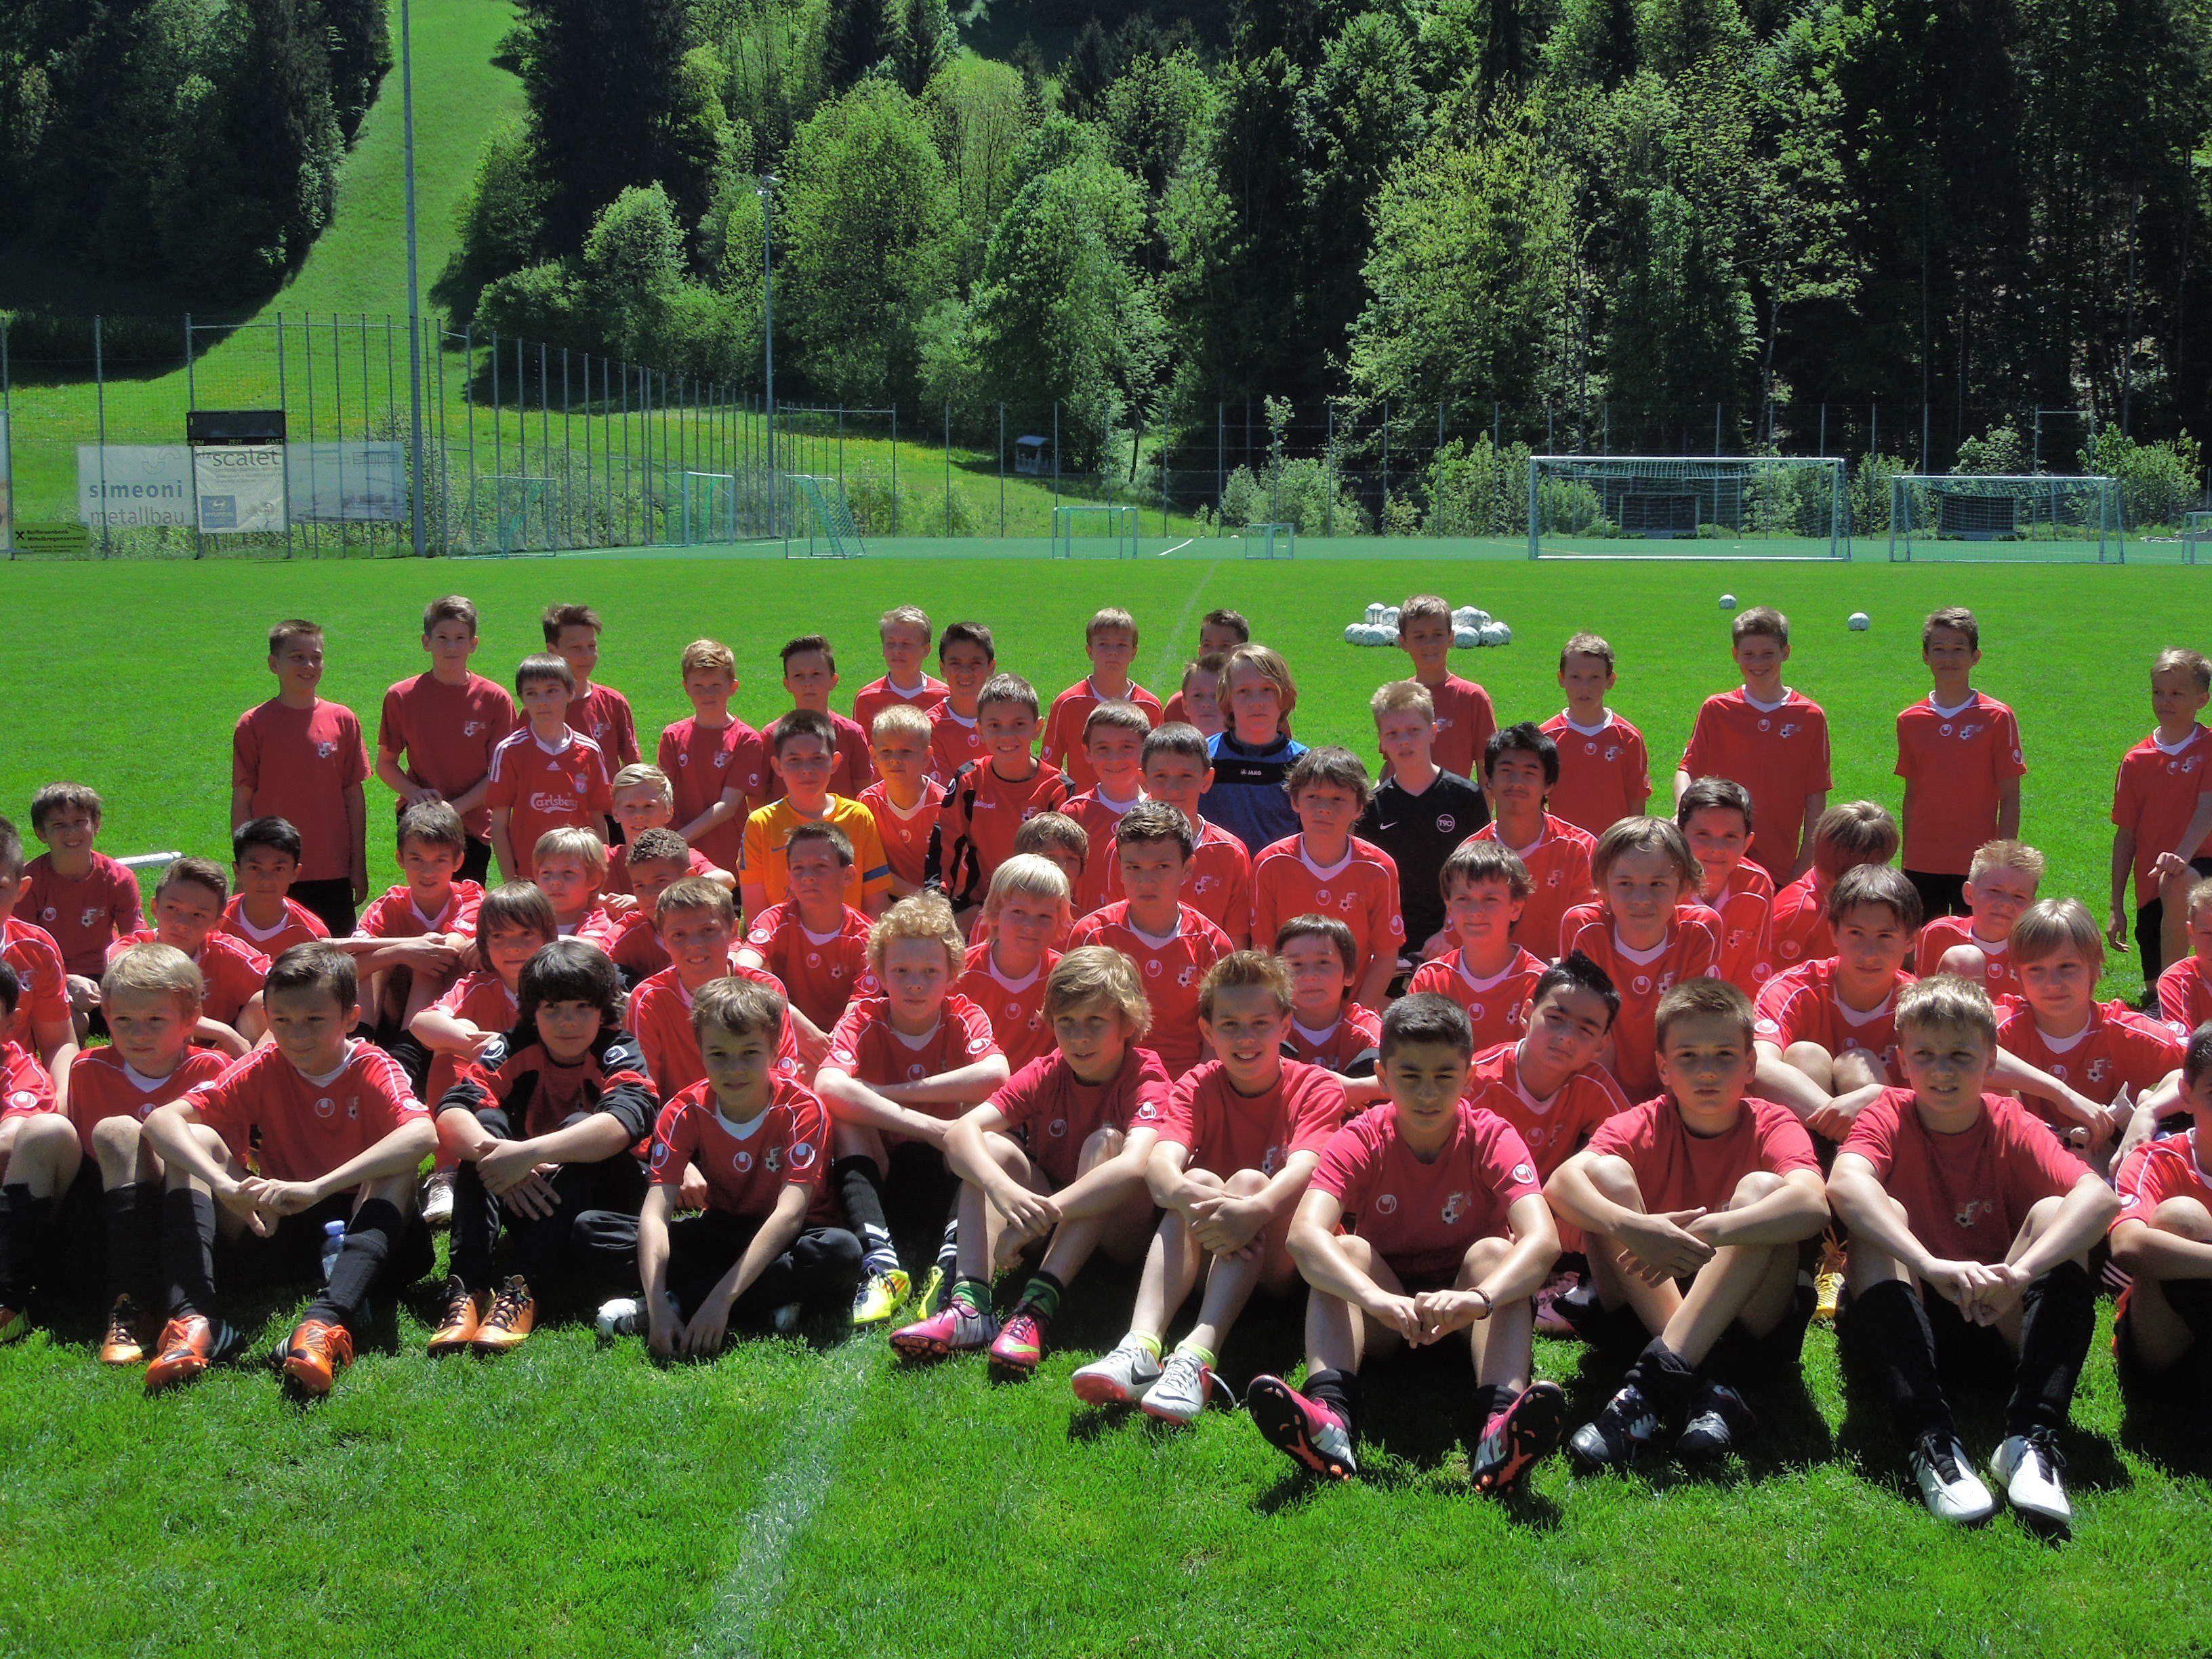 Die AKA Spieler werden bei den Fußball-Spielfesten als Betreuer für die Teams agieren.